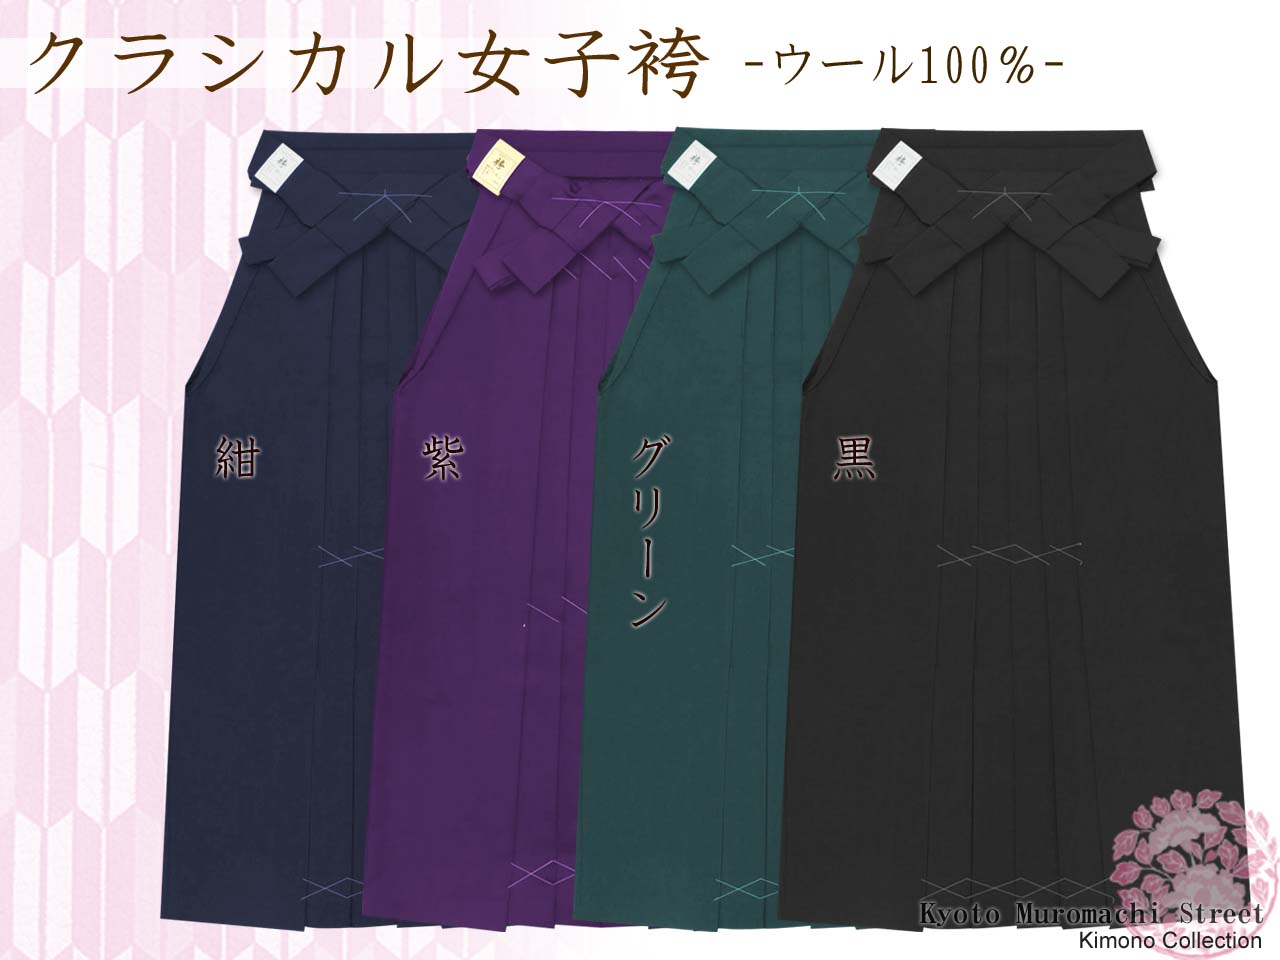 卒業式に 国産ウールの無地袴 選べる4色、6サイズ-クラシカル-